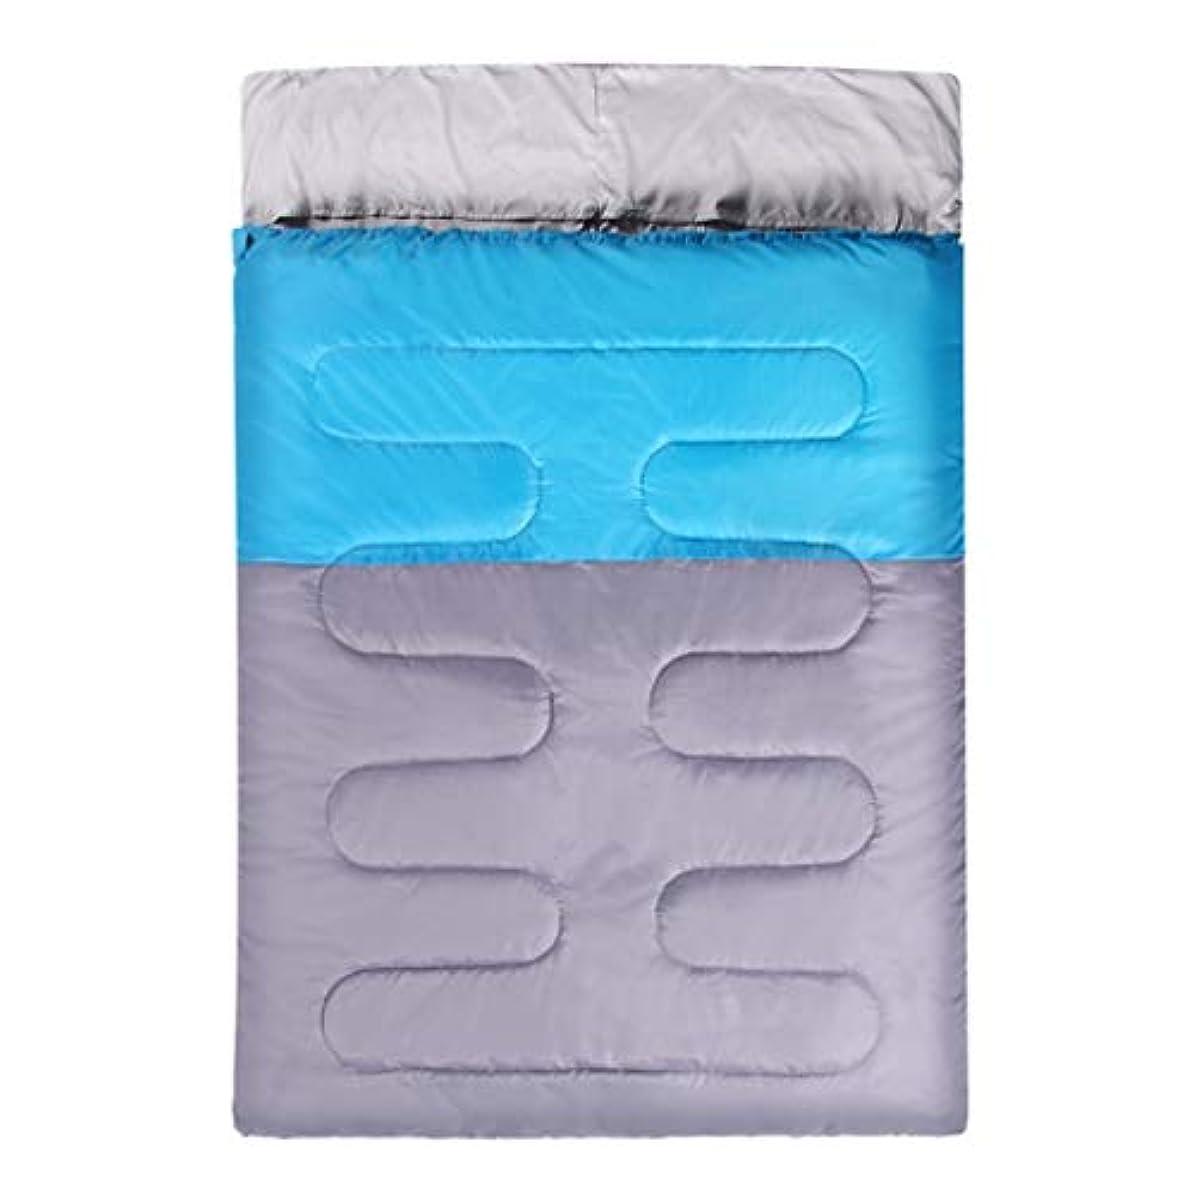 側申込みにんじん寝袋アウトドアキャンプ大人用屋内ランチブレイクホテルアイソレーションダーティポータブル(15°C以上に最適) (色 : A)